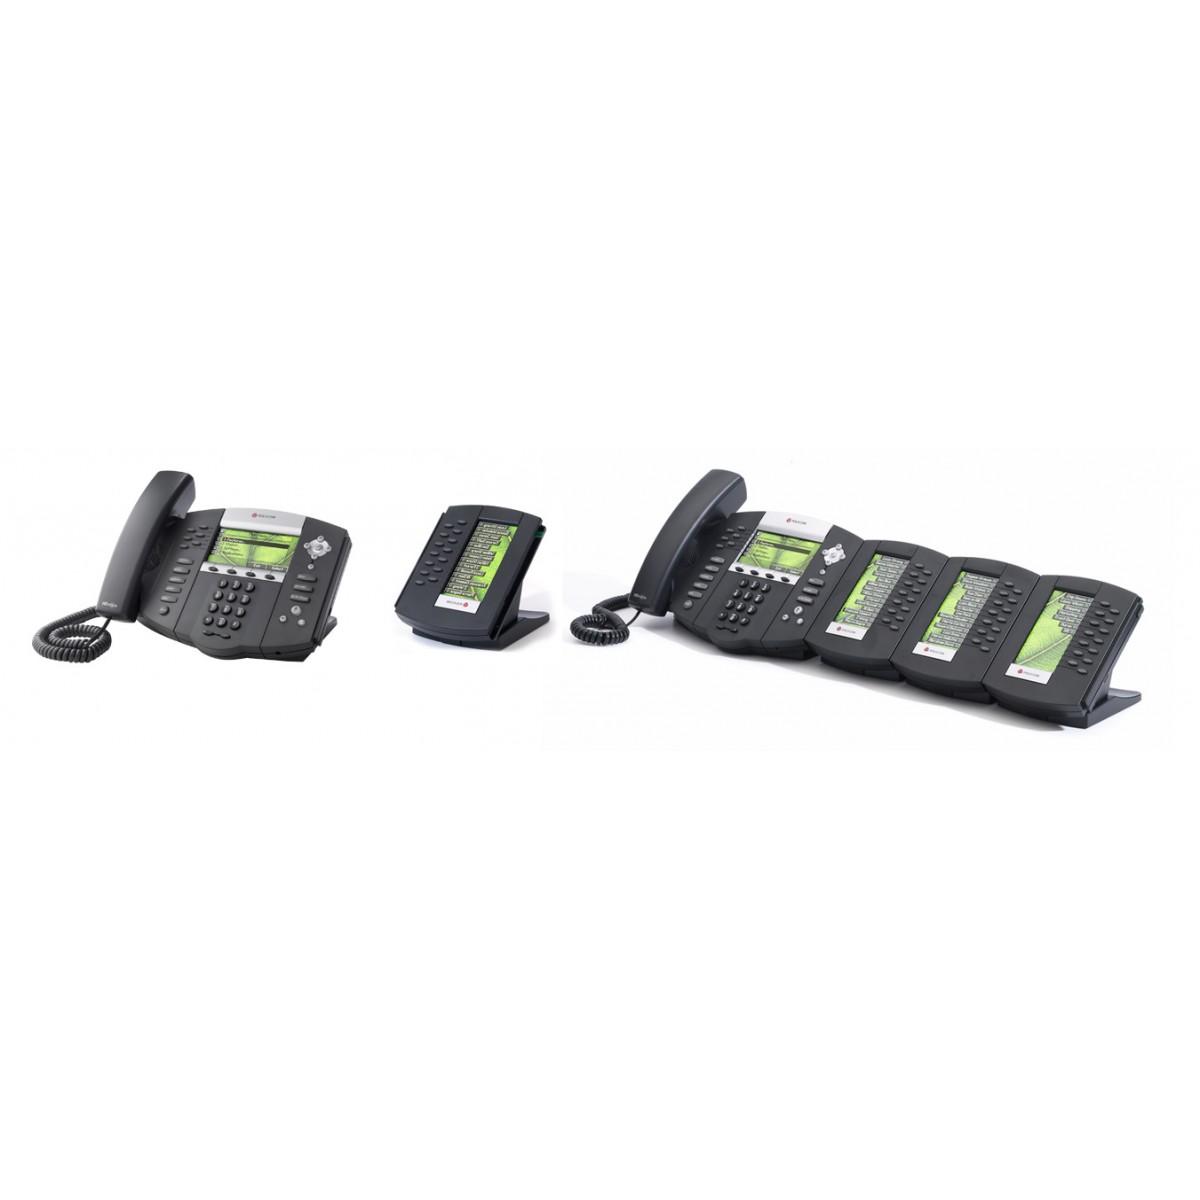 Aparelho de Telefone IP 670 SIP, PoE, HD Voice Polycom - Hope Tech Telecomunicações